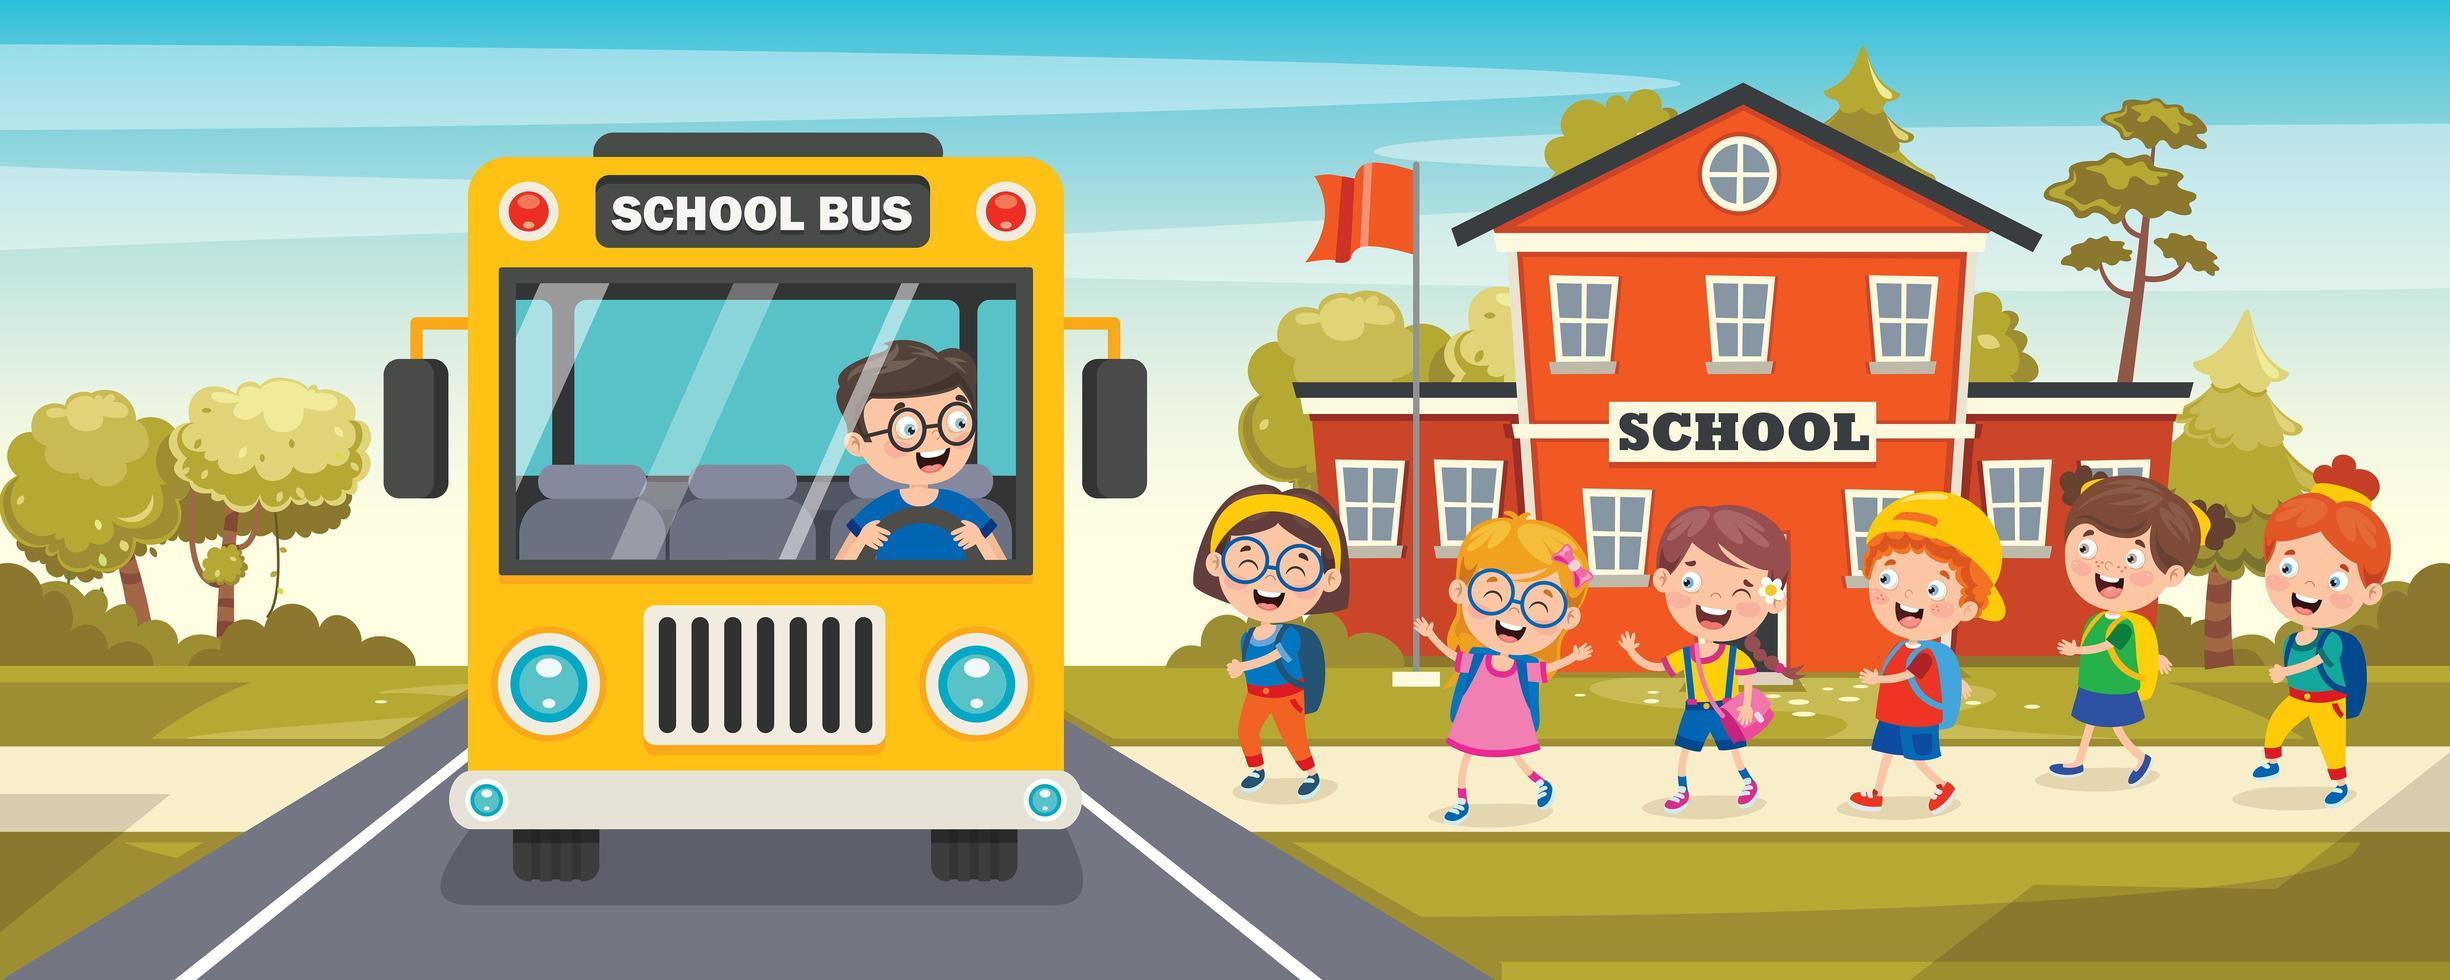 gelber Bus und kleine Schulkinder in der Schlange vektor